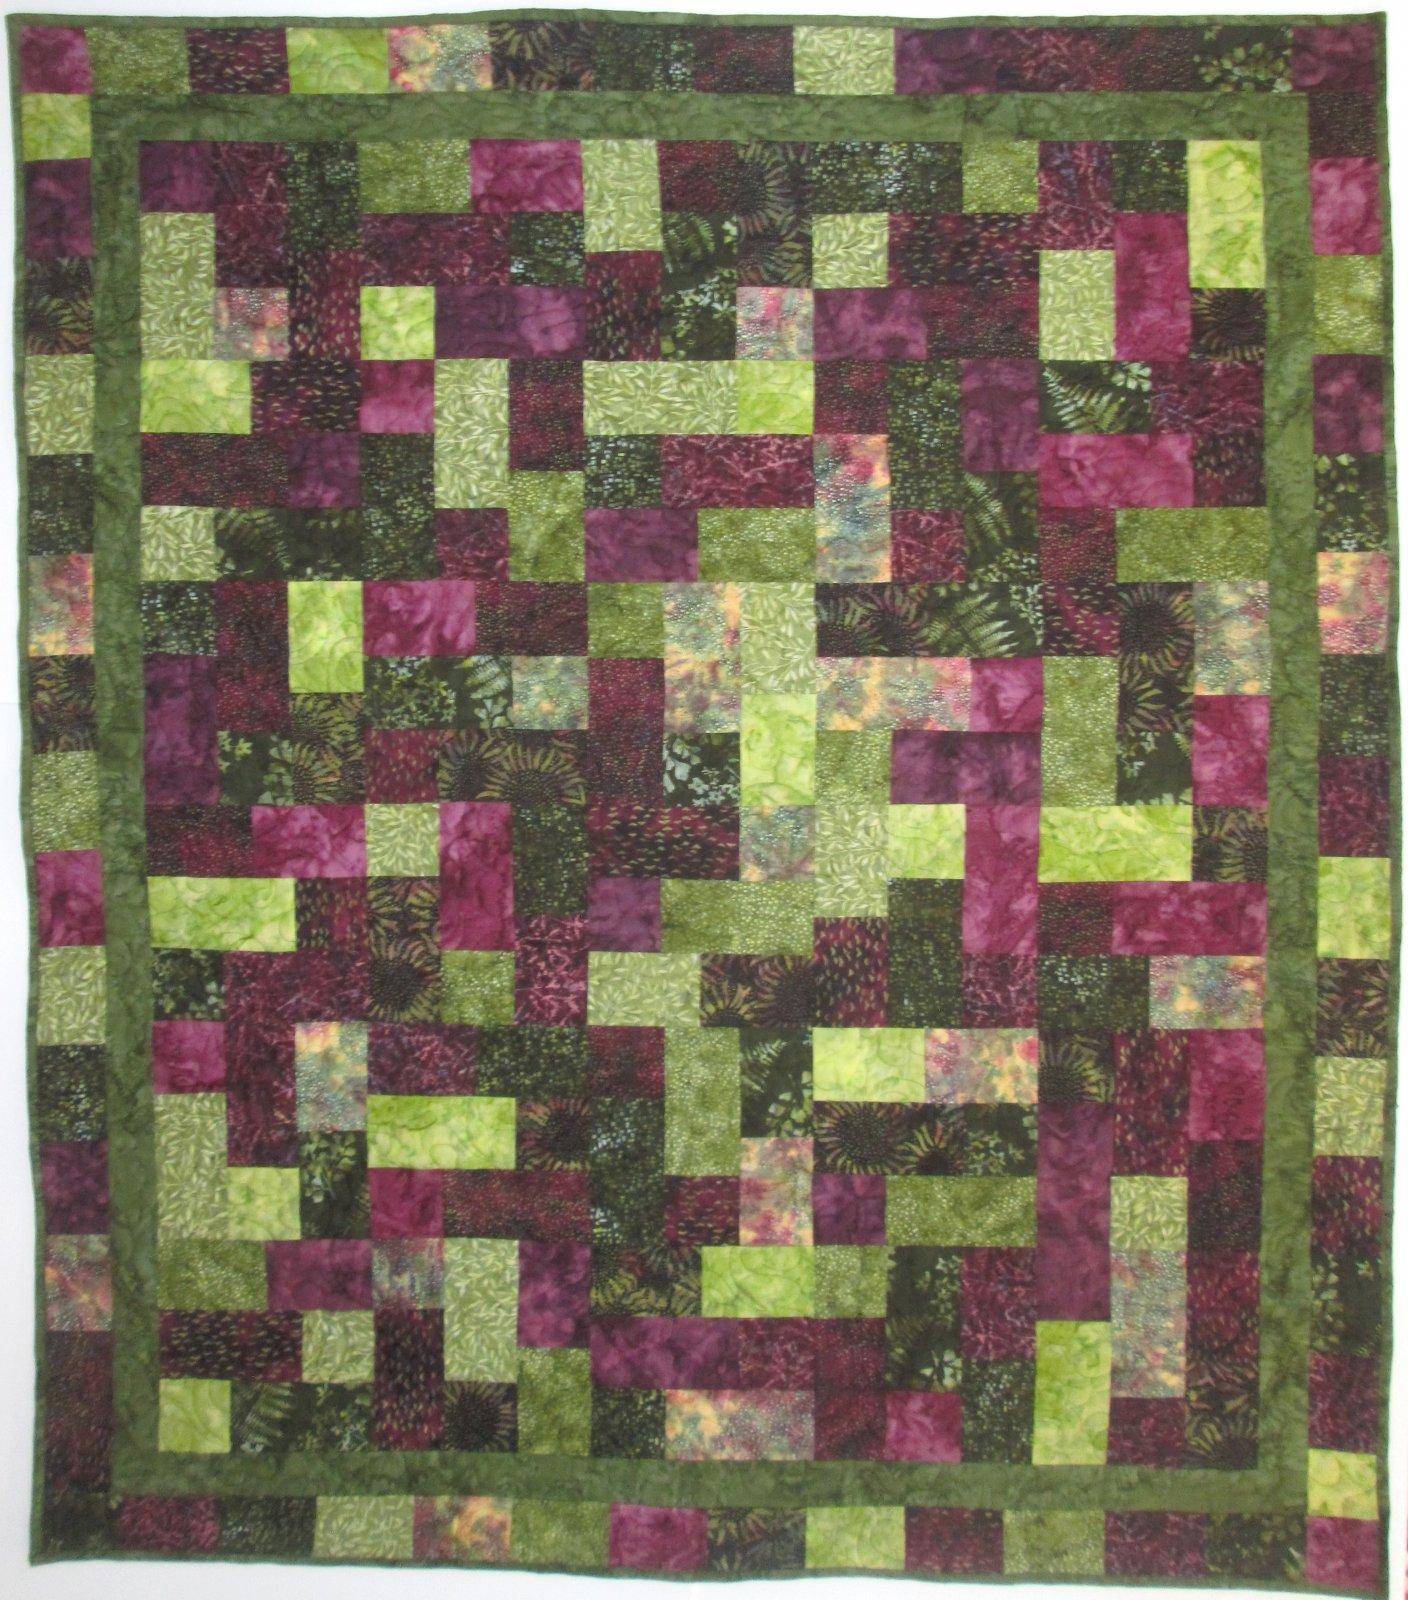 Hoffman Bali Chop Hopscotch Quilt Kit Purple/Green